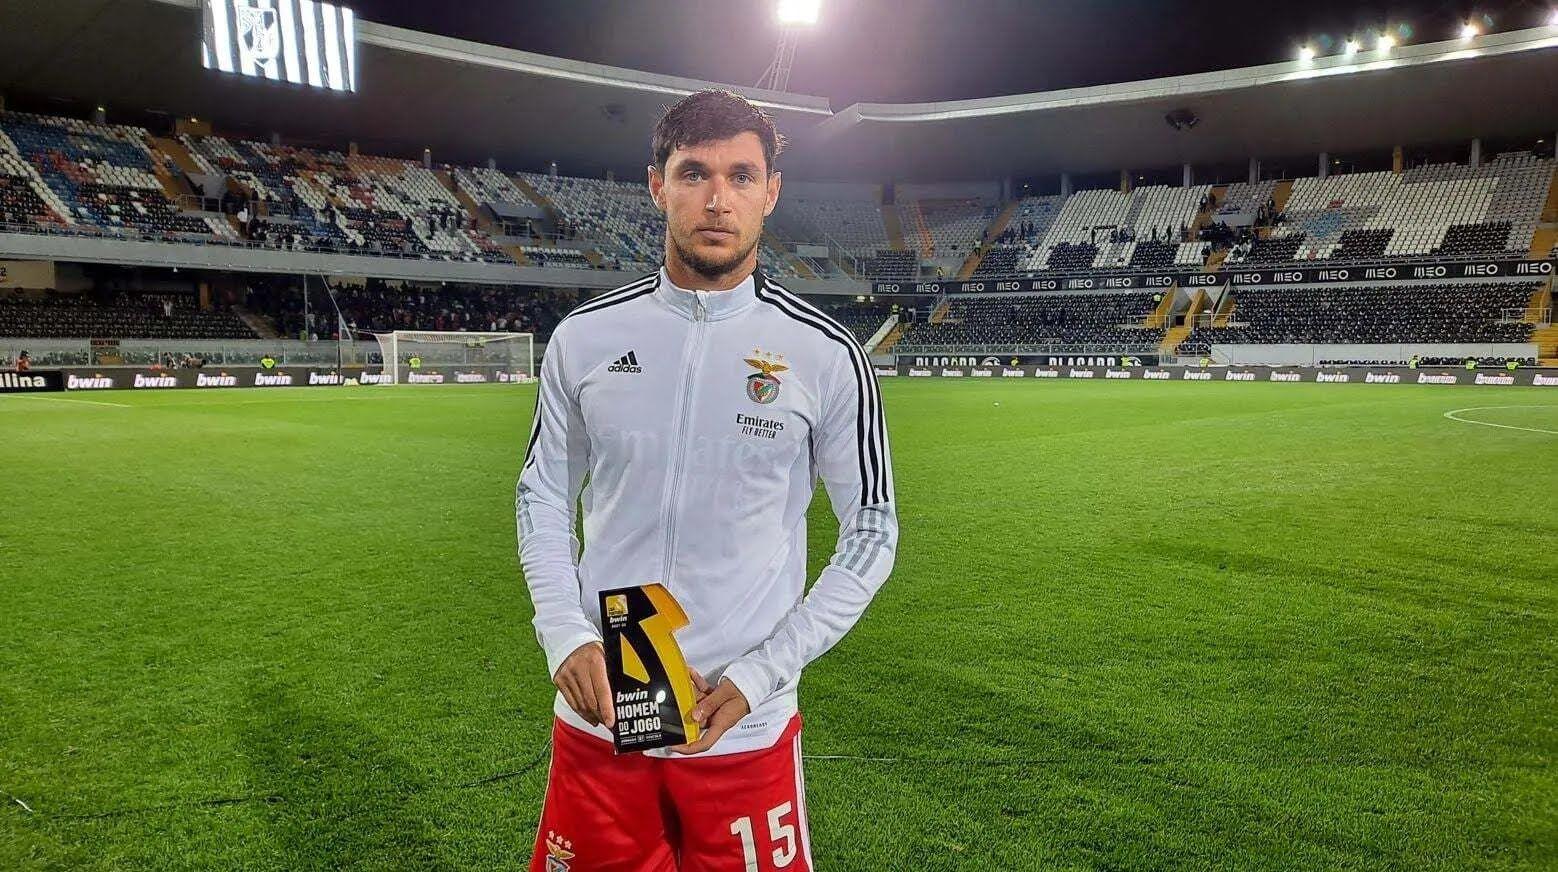 Яремчук был признан лучшим игроком матча